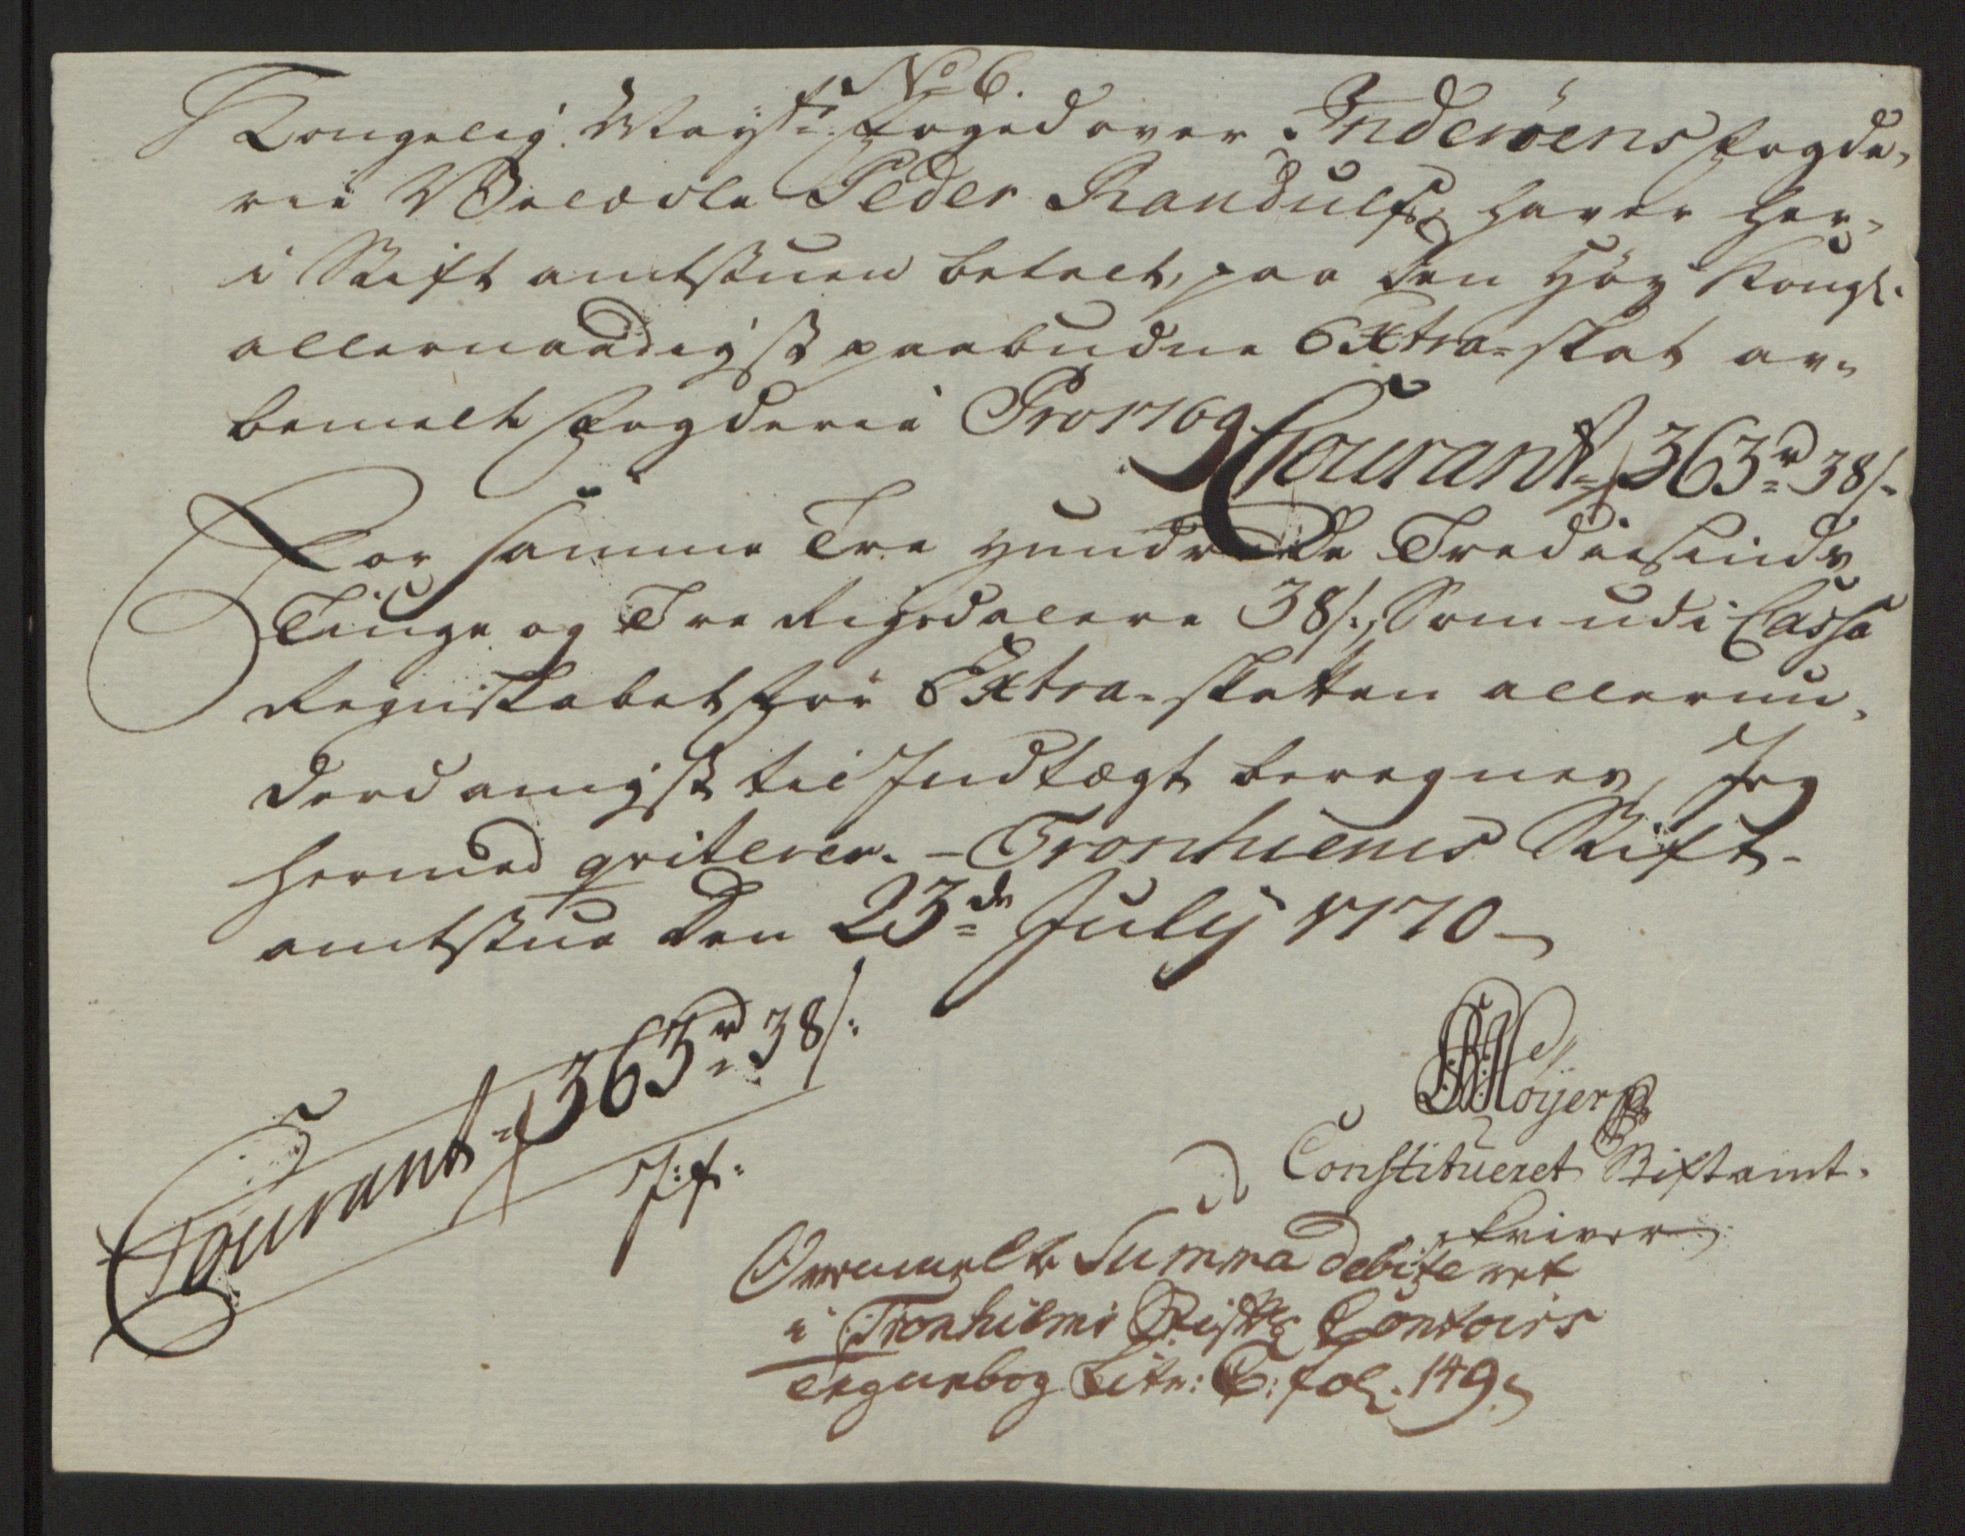 RA, Rentekammeret inntil 1814, Reviderte regnskaper, Fogderegnskap, R63/L4420: Ekstraskatten Inderøy, 1762-1772, s. 371